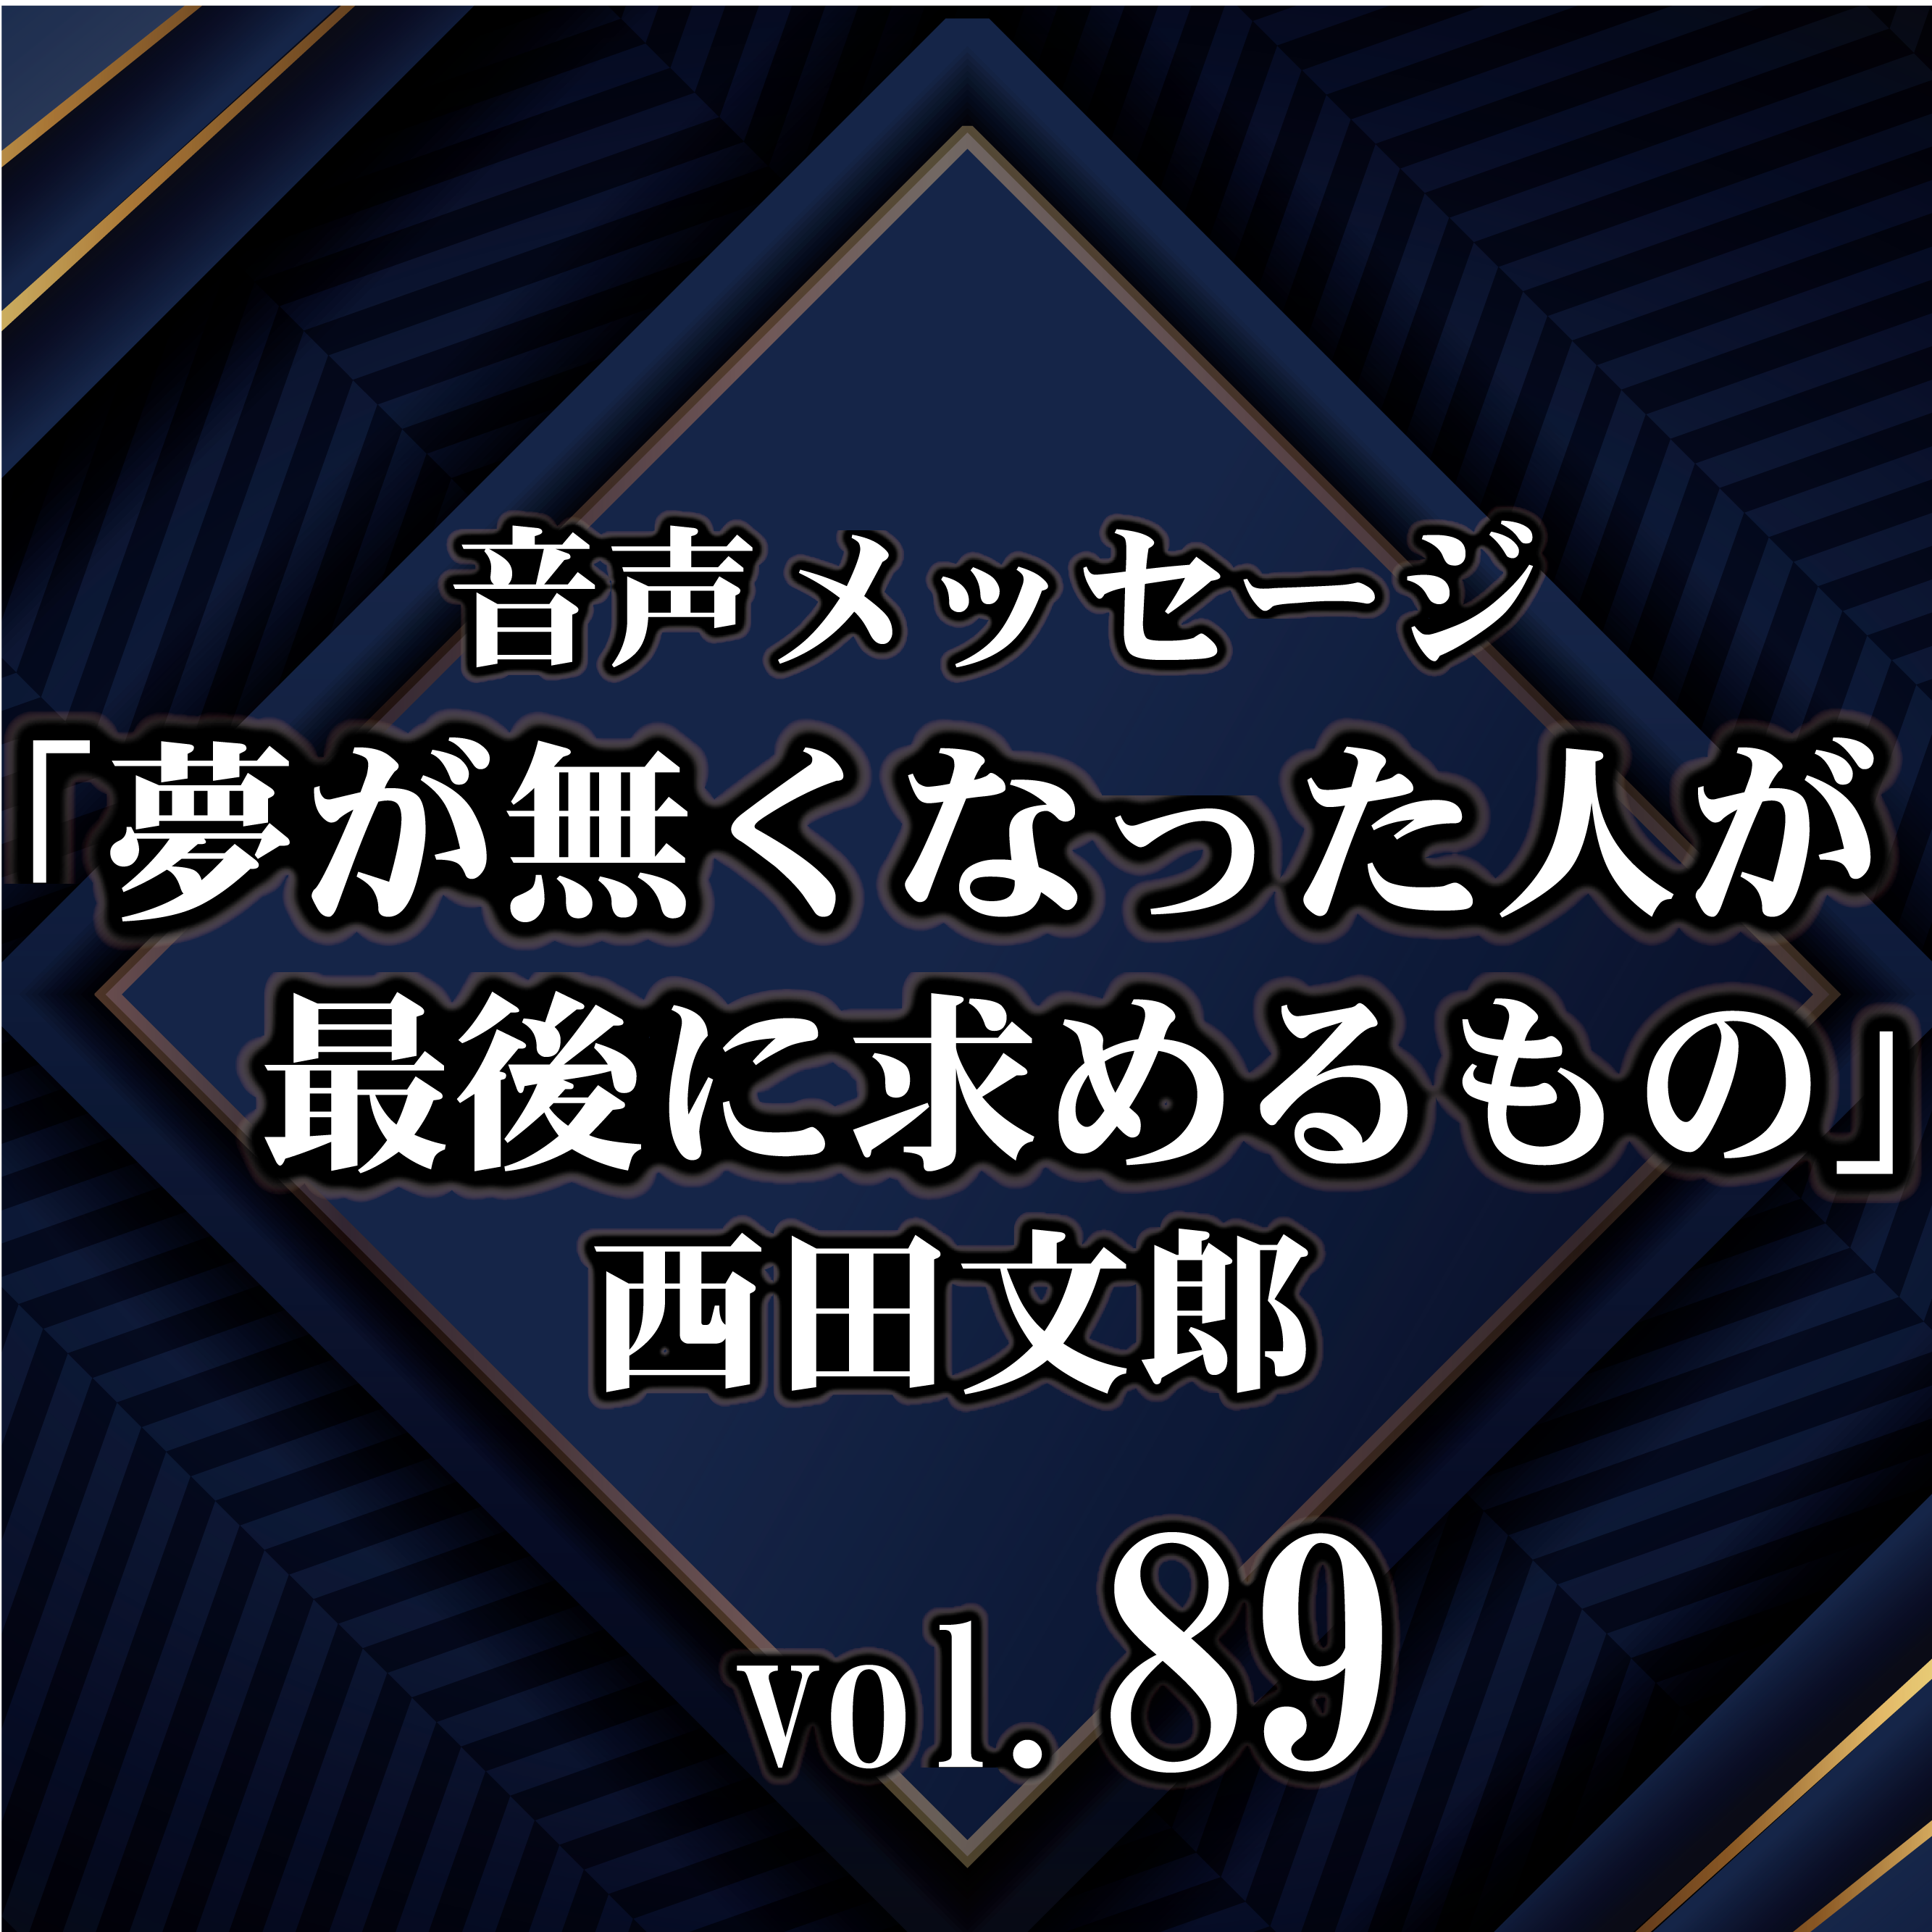 西田文郎 音声メッセージvol.89『夢が無くなった人が最後に求めるもの』